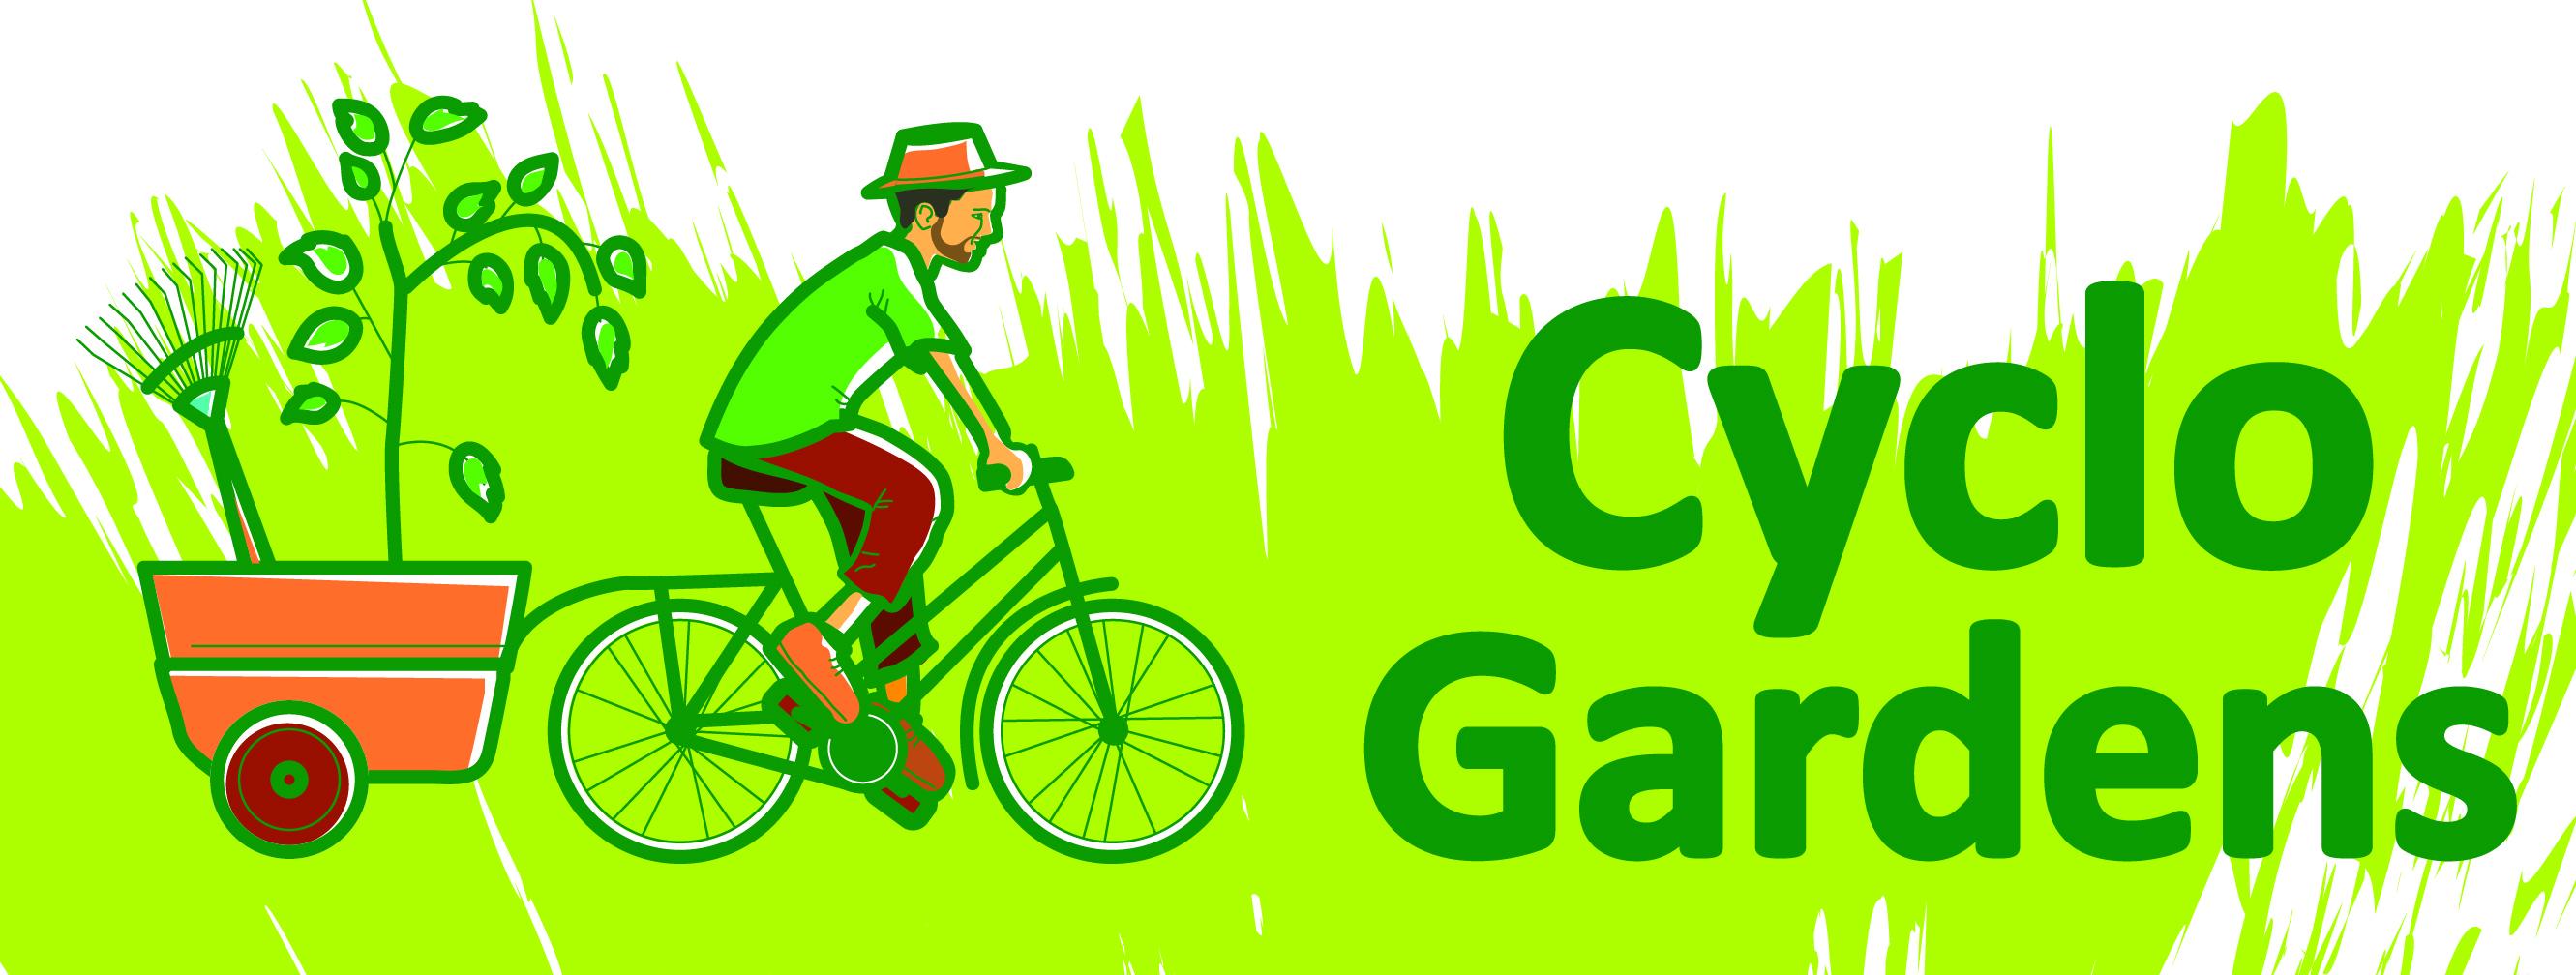 cyclo_crowd-1505303949.jpg